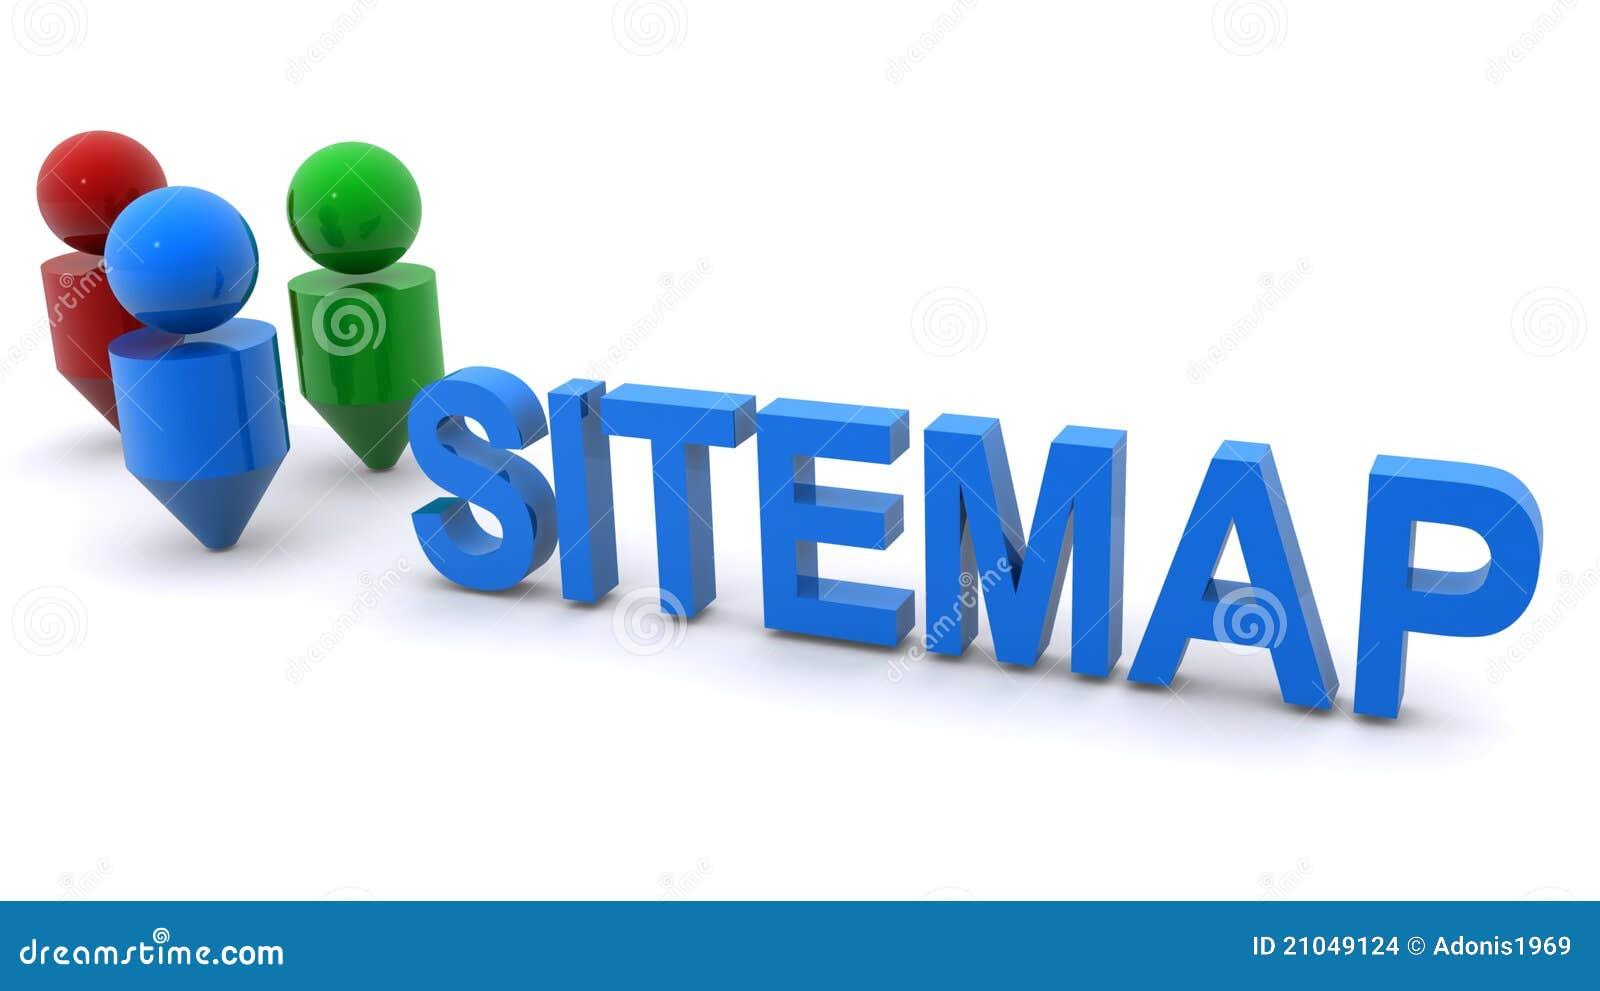 Ilustración de Sitemap